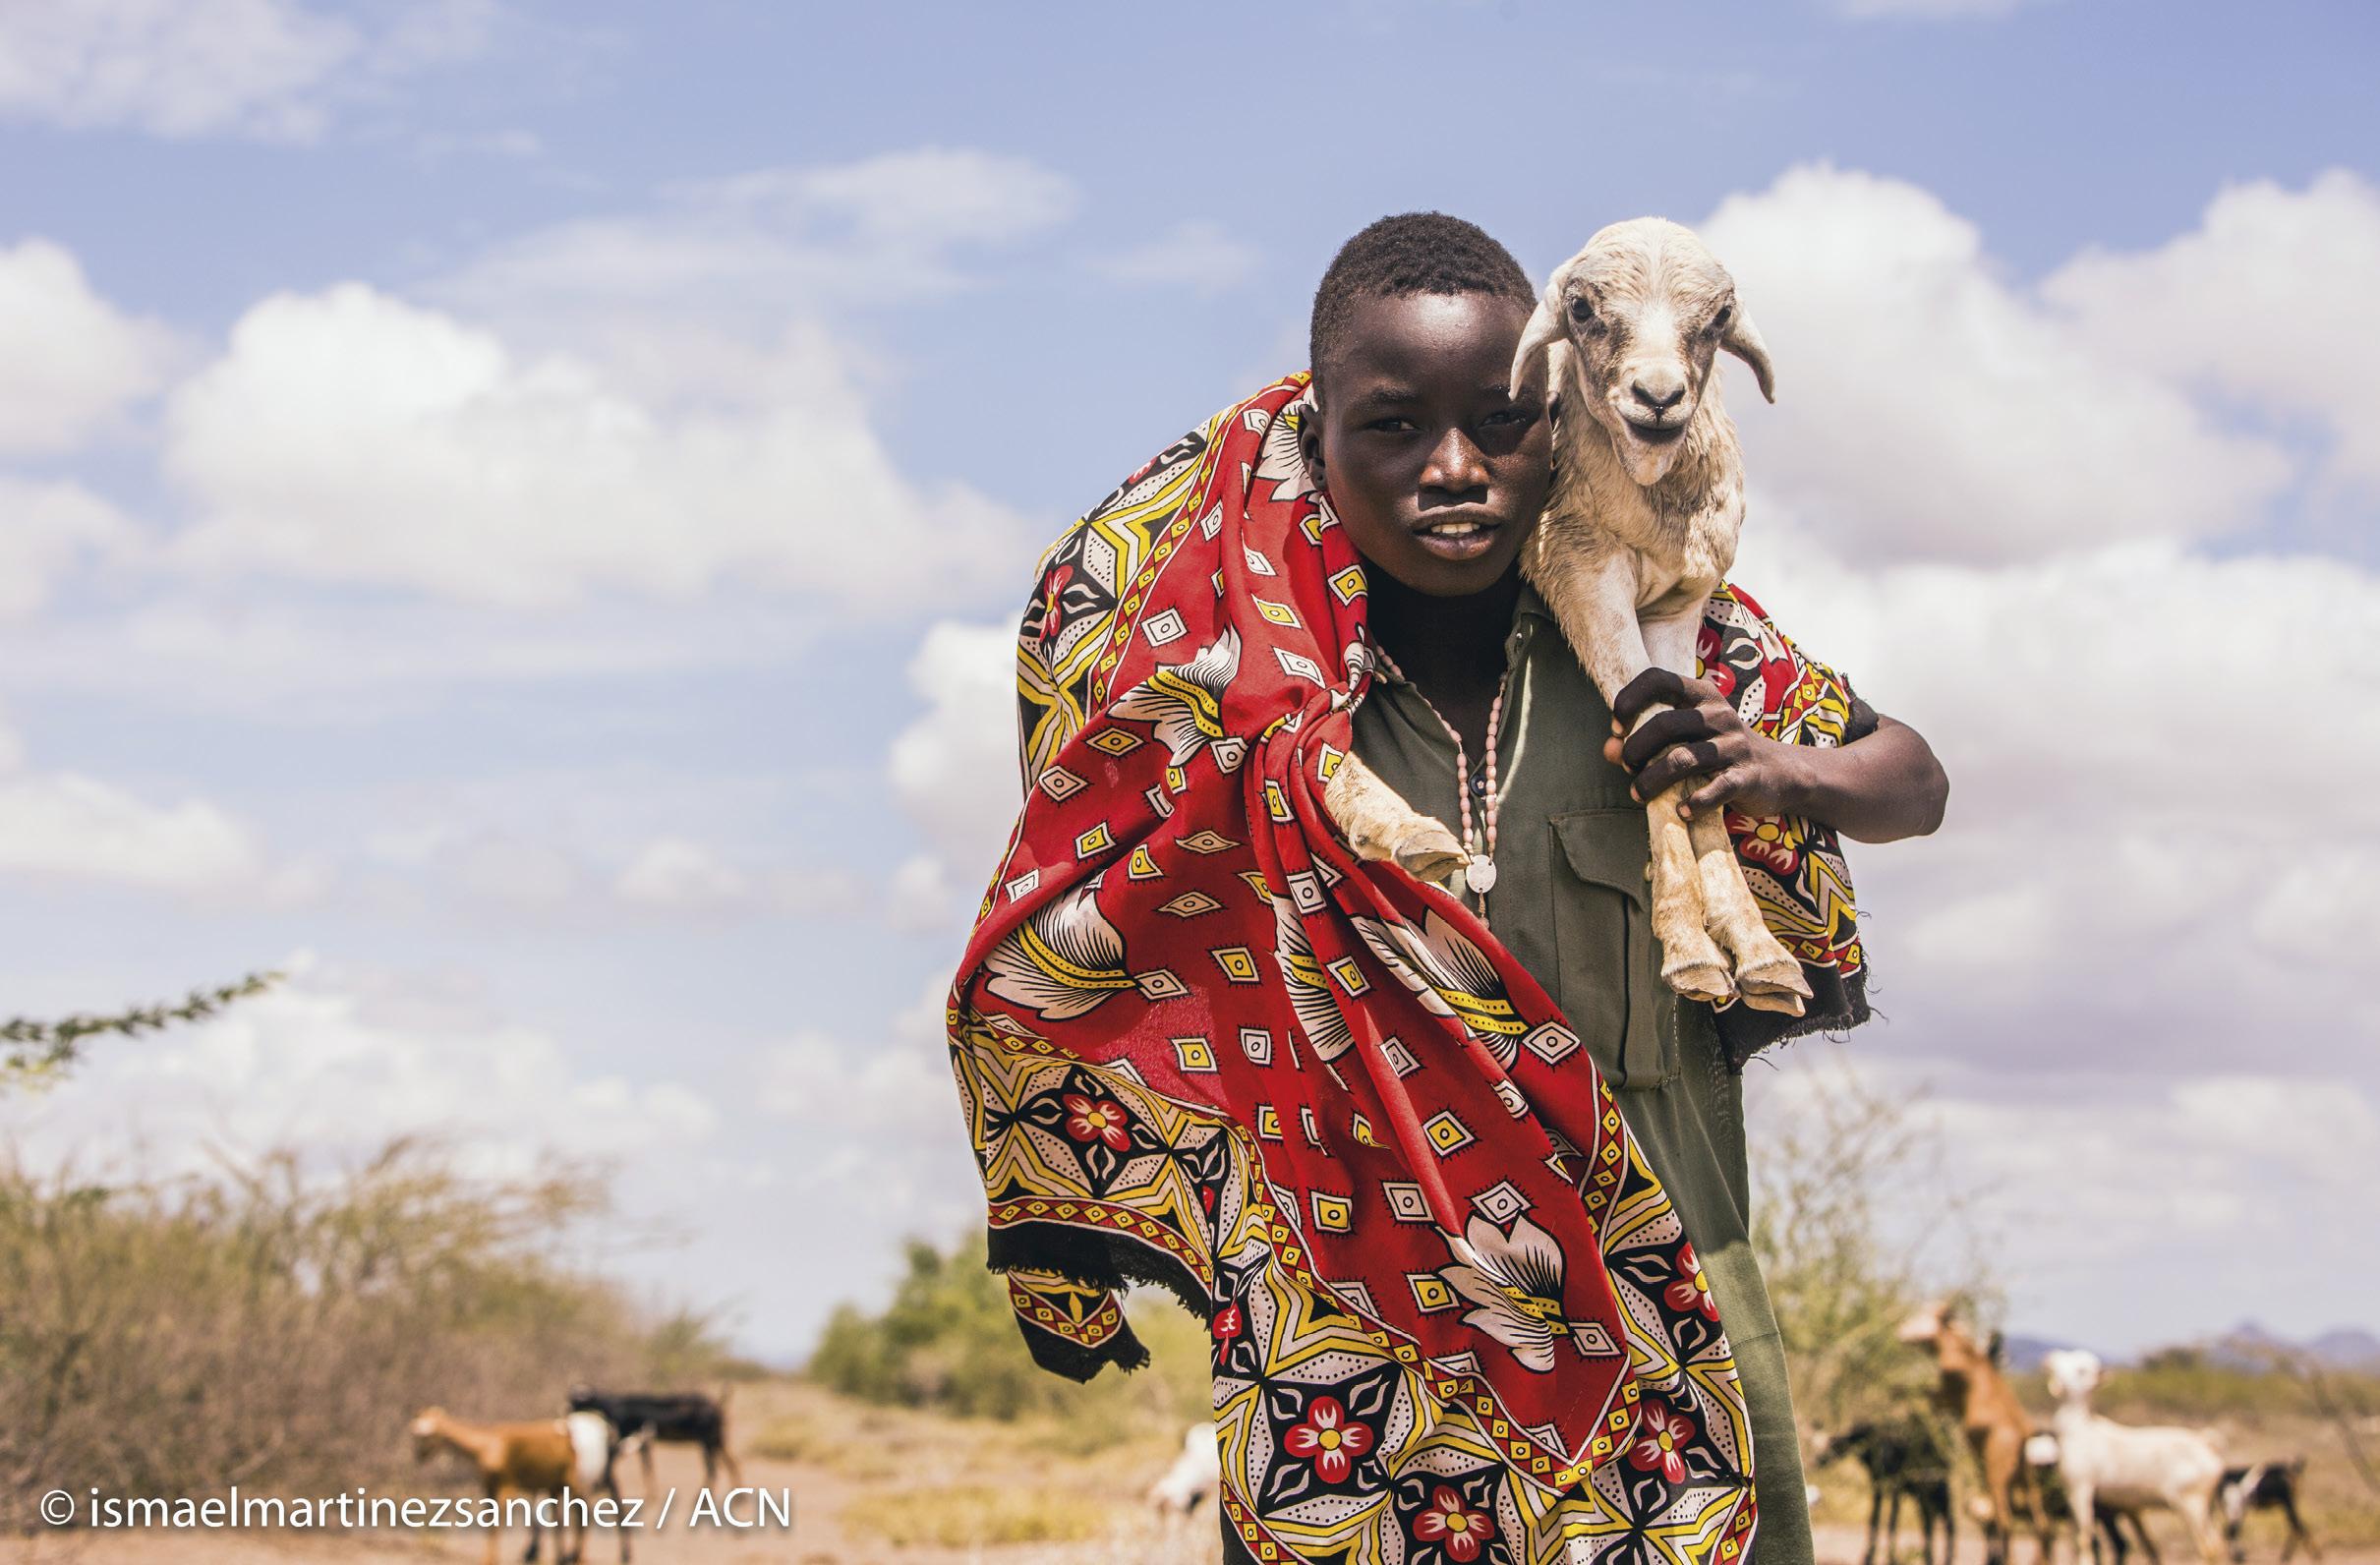 Foto Ismael Martínez Sánchez / ACN. Campo de refugiados Kakuma, Quénia, junto ao Sudão do Sul e à Etiópia, 2016.